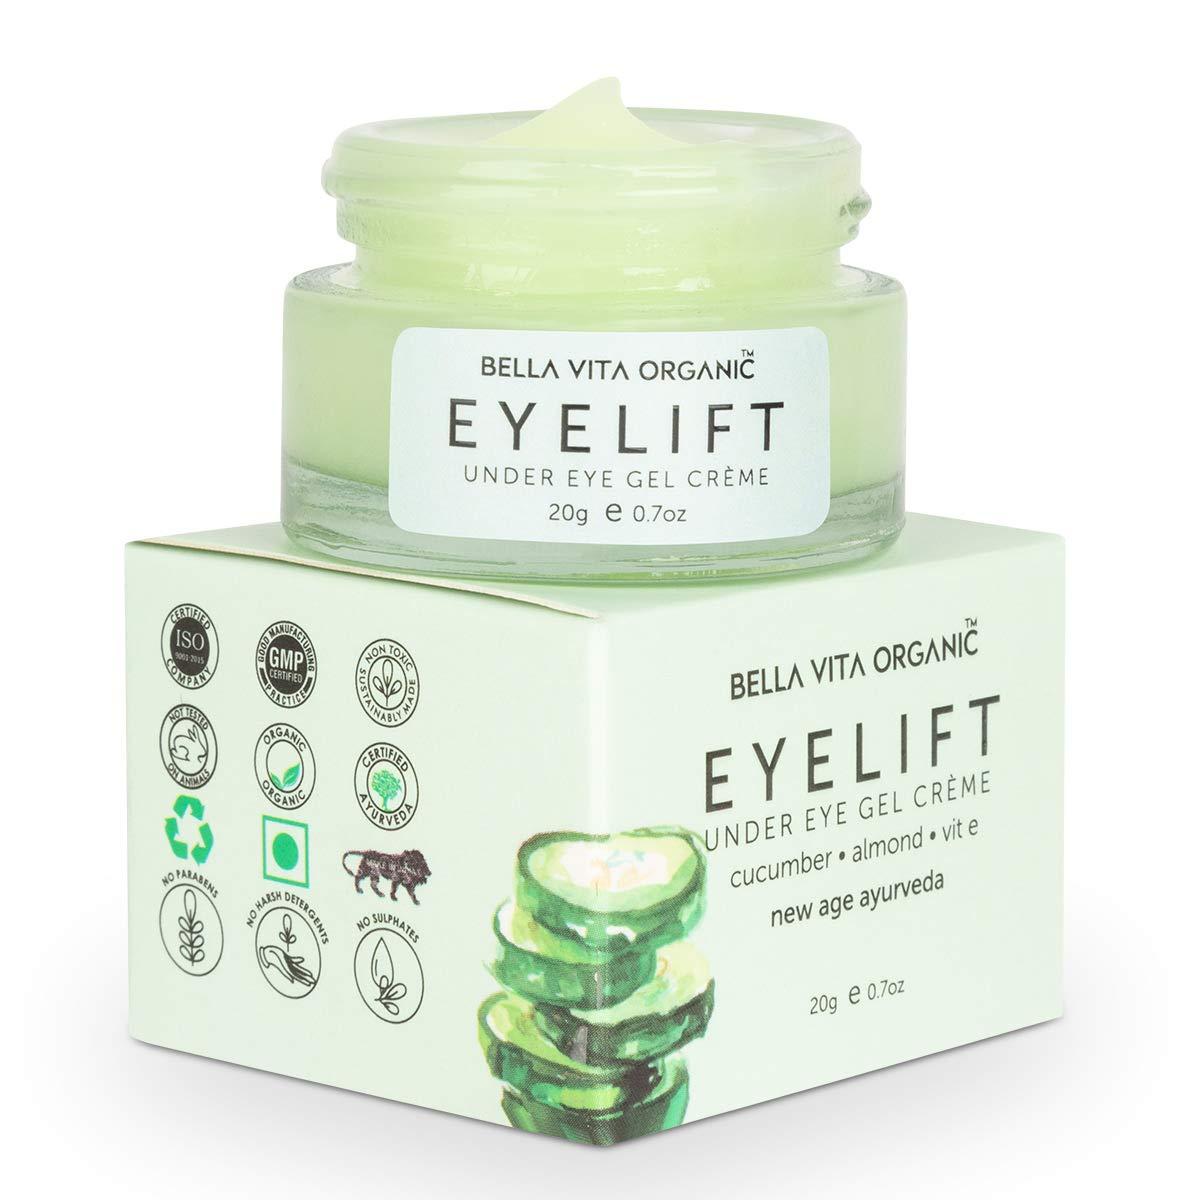 Bella Vita Organic Eyelift Eye Cream Gel Image